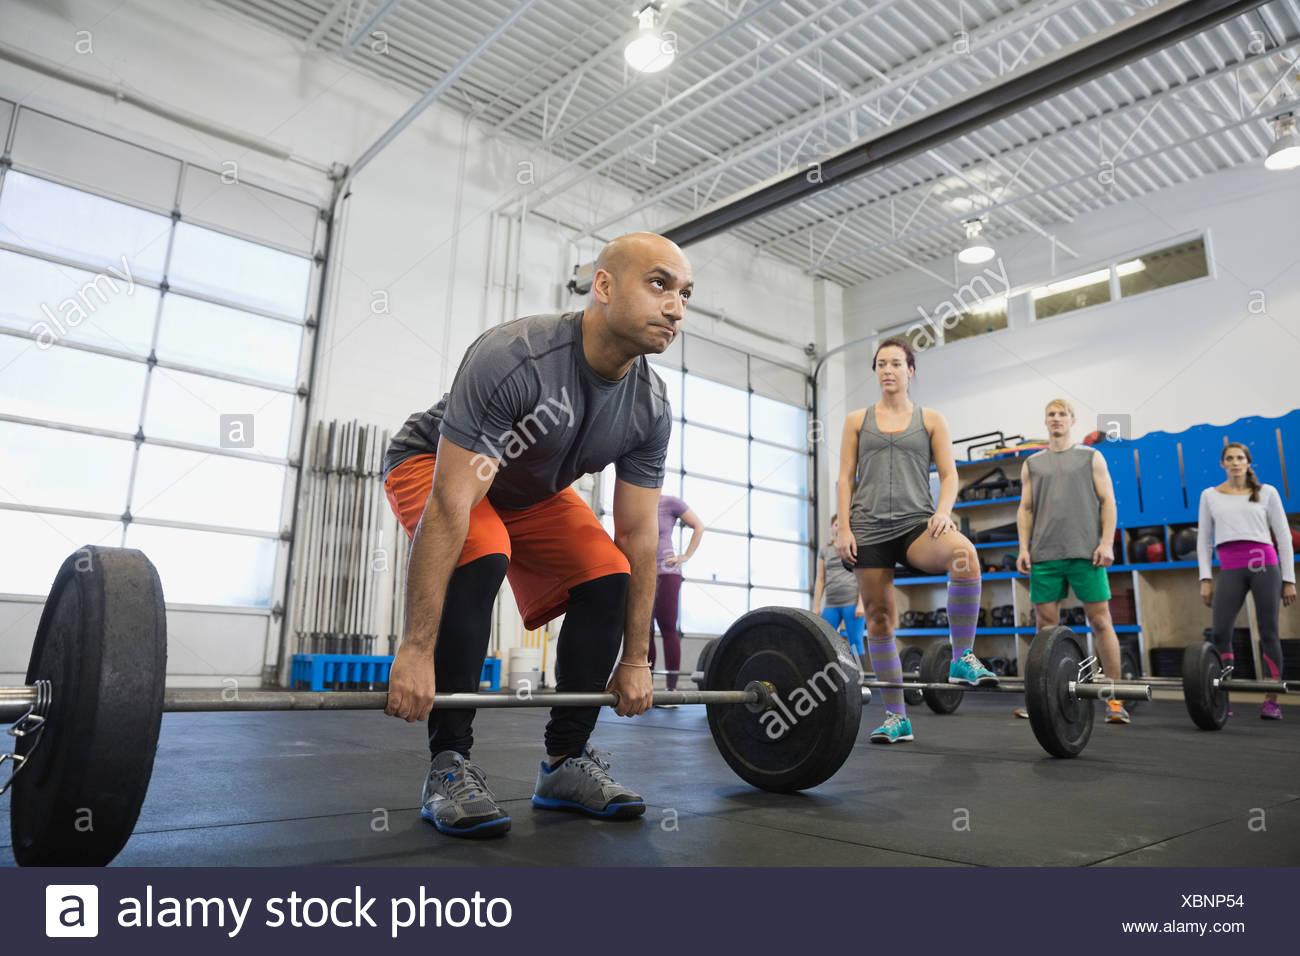 Instructor demonstrating proper deadlift technique - Stock Image